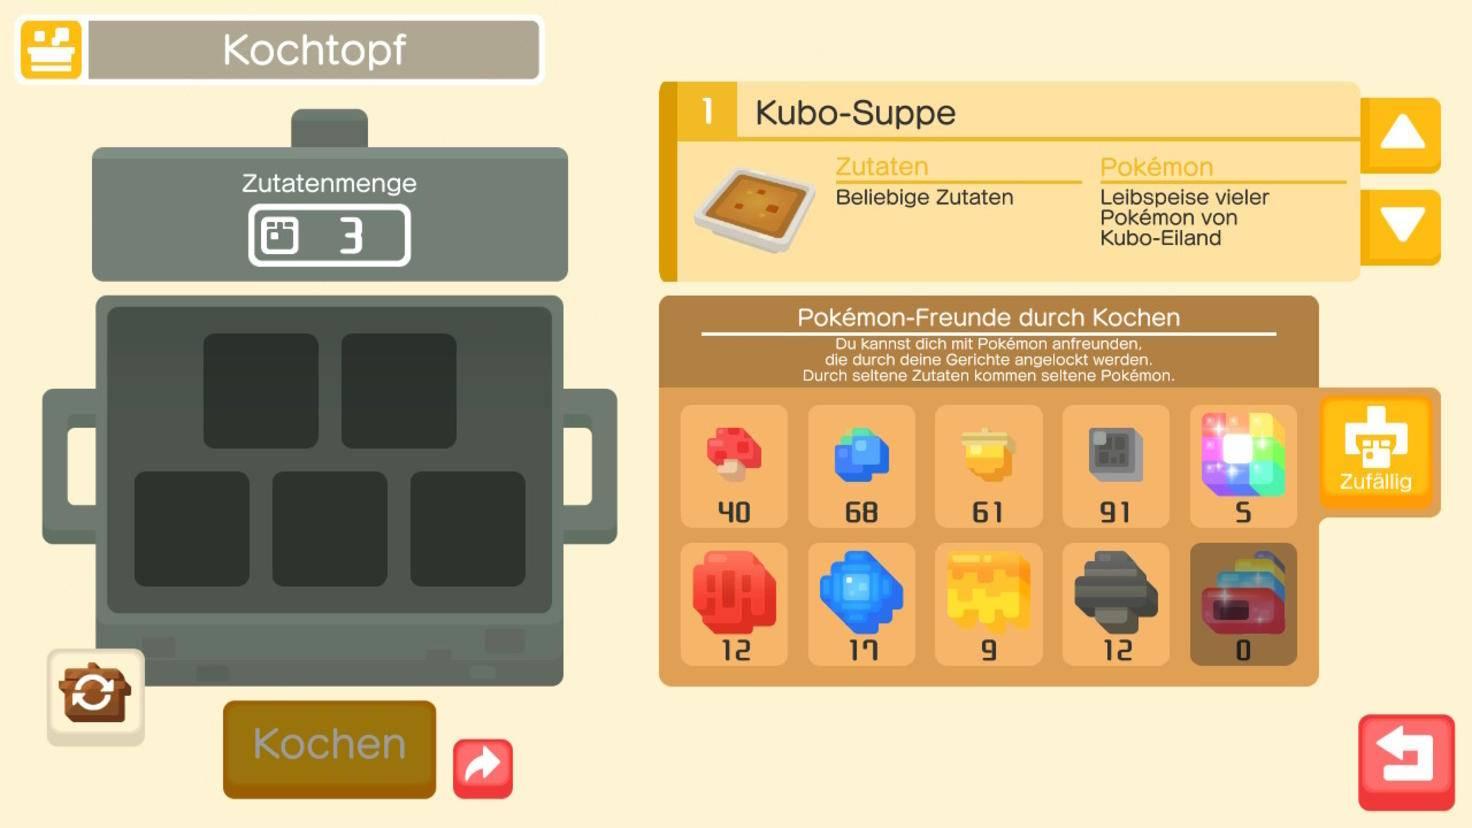 """Wundermuscheln (ganz unten rechts in der Zutatenliste) bekommst Du erst spät in """"Pokémon Quest""""."""